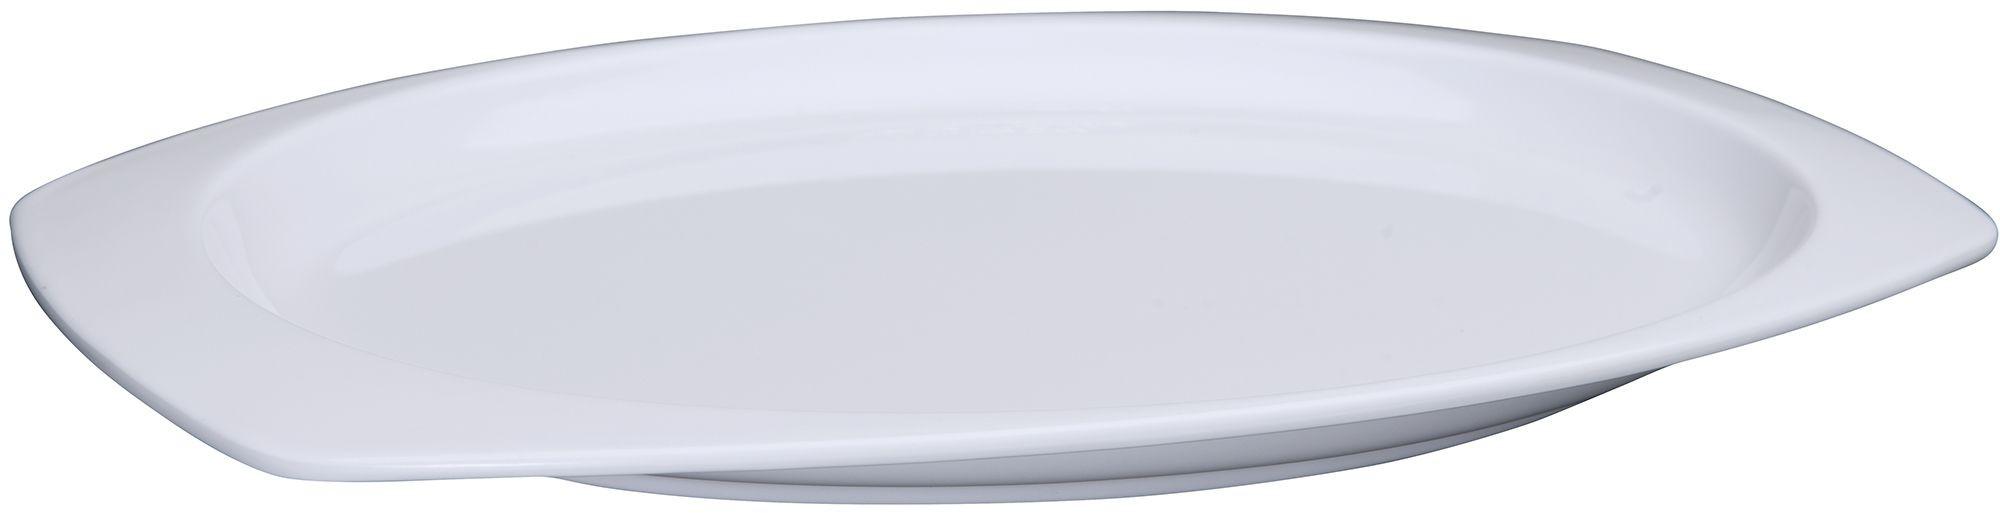 """Winco MMPT-117W White Melamine Rectangular Platter, 11-1/2"""" x 7-1/2"""""""